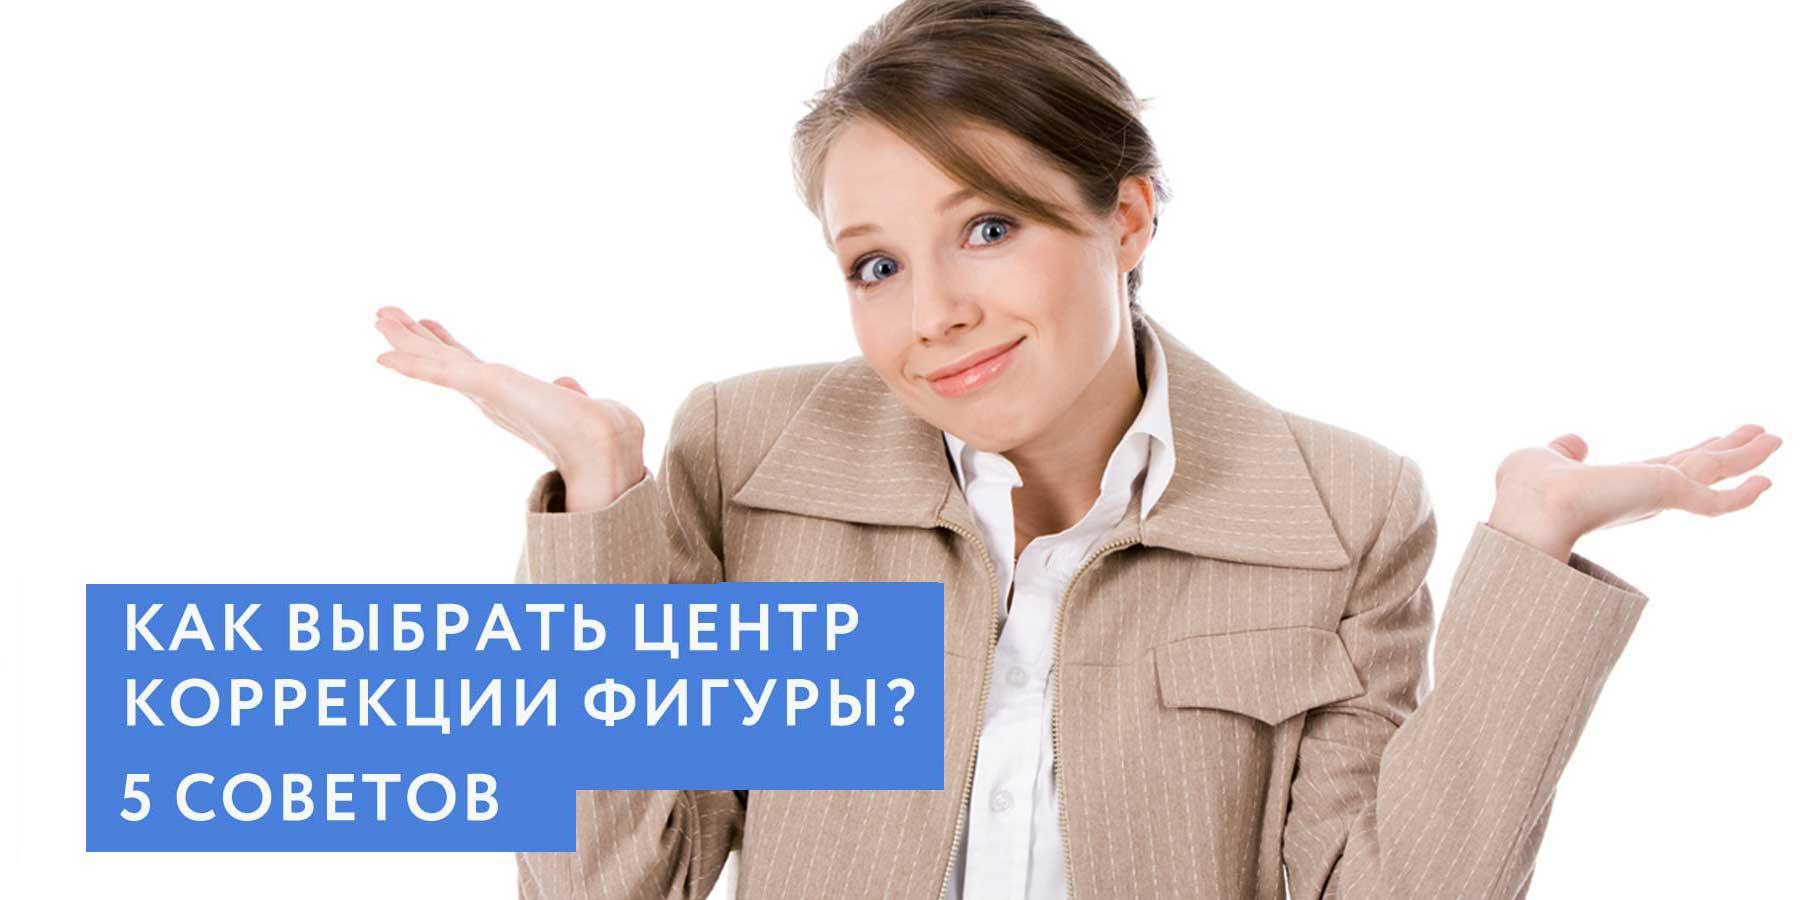 5 советов, как выбрать центр коррекции фигуры и не ошибиться